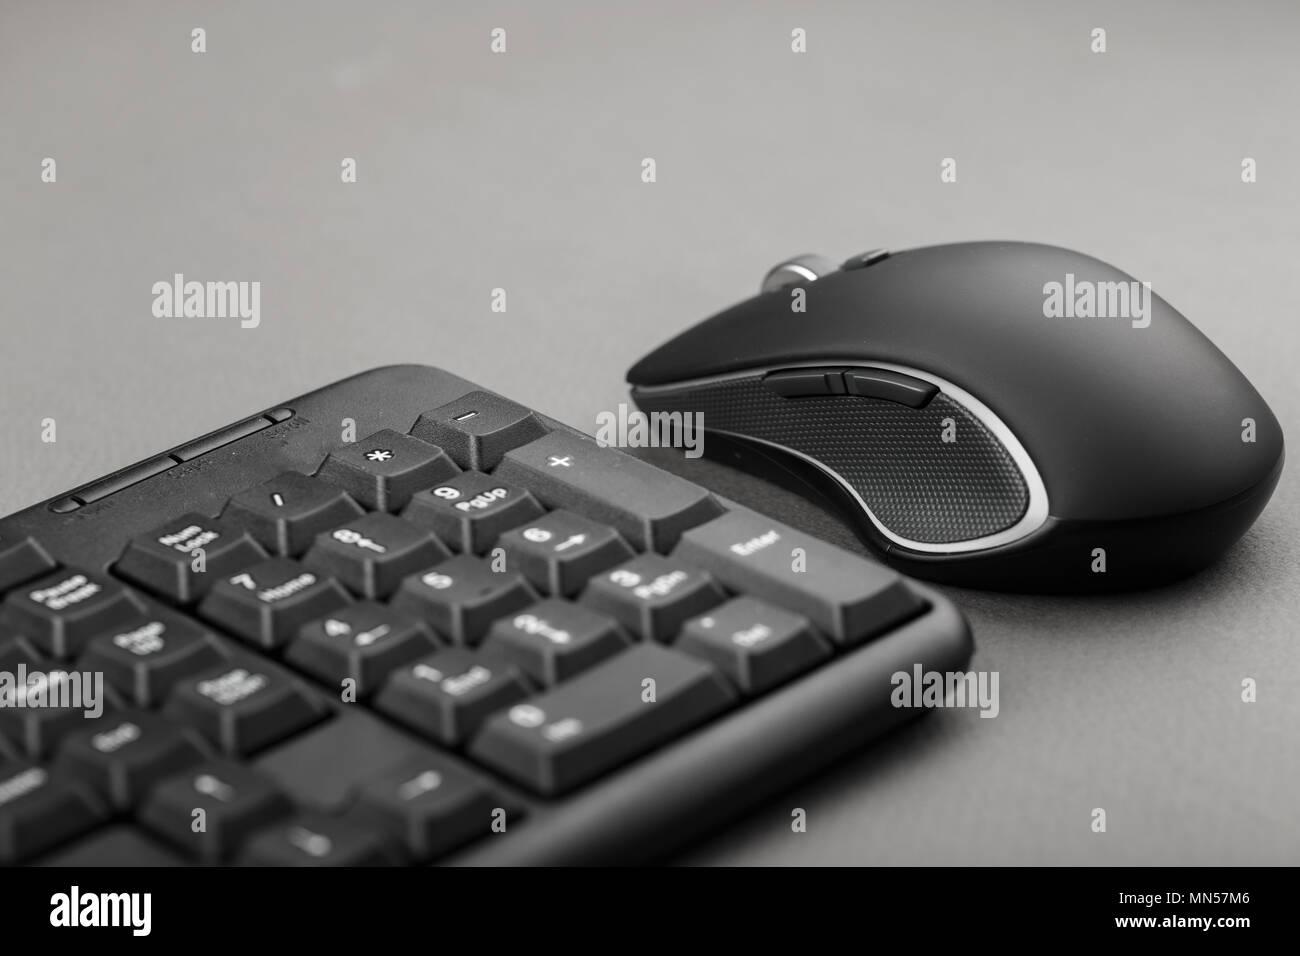 Schwarz Computer Maus In Der Nahe Der Tastatur Buro Und